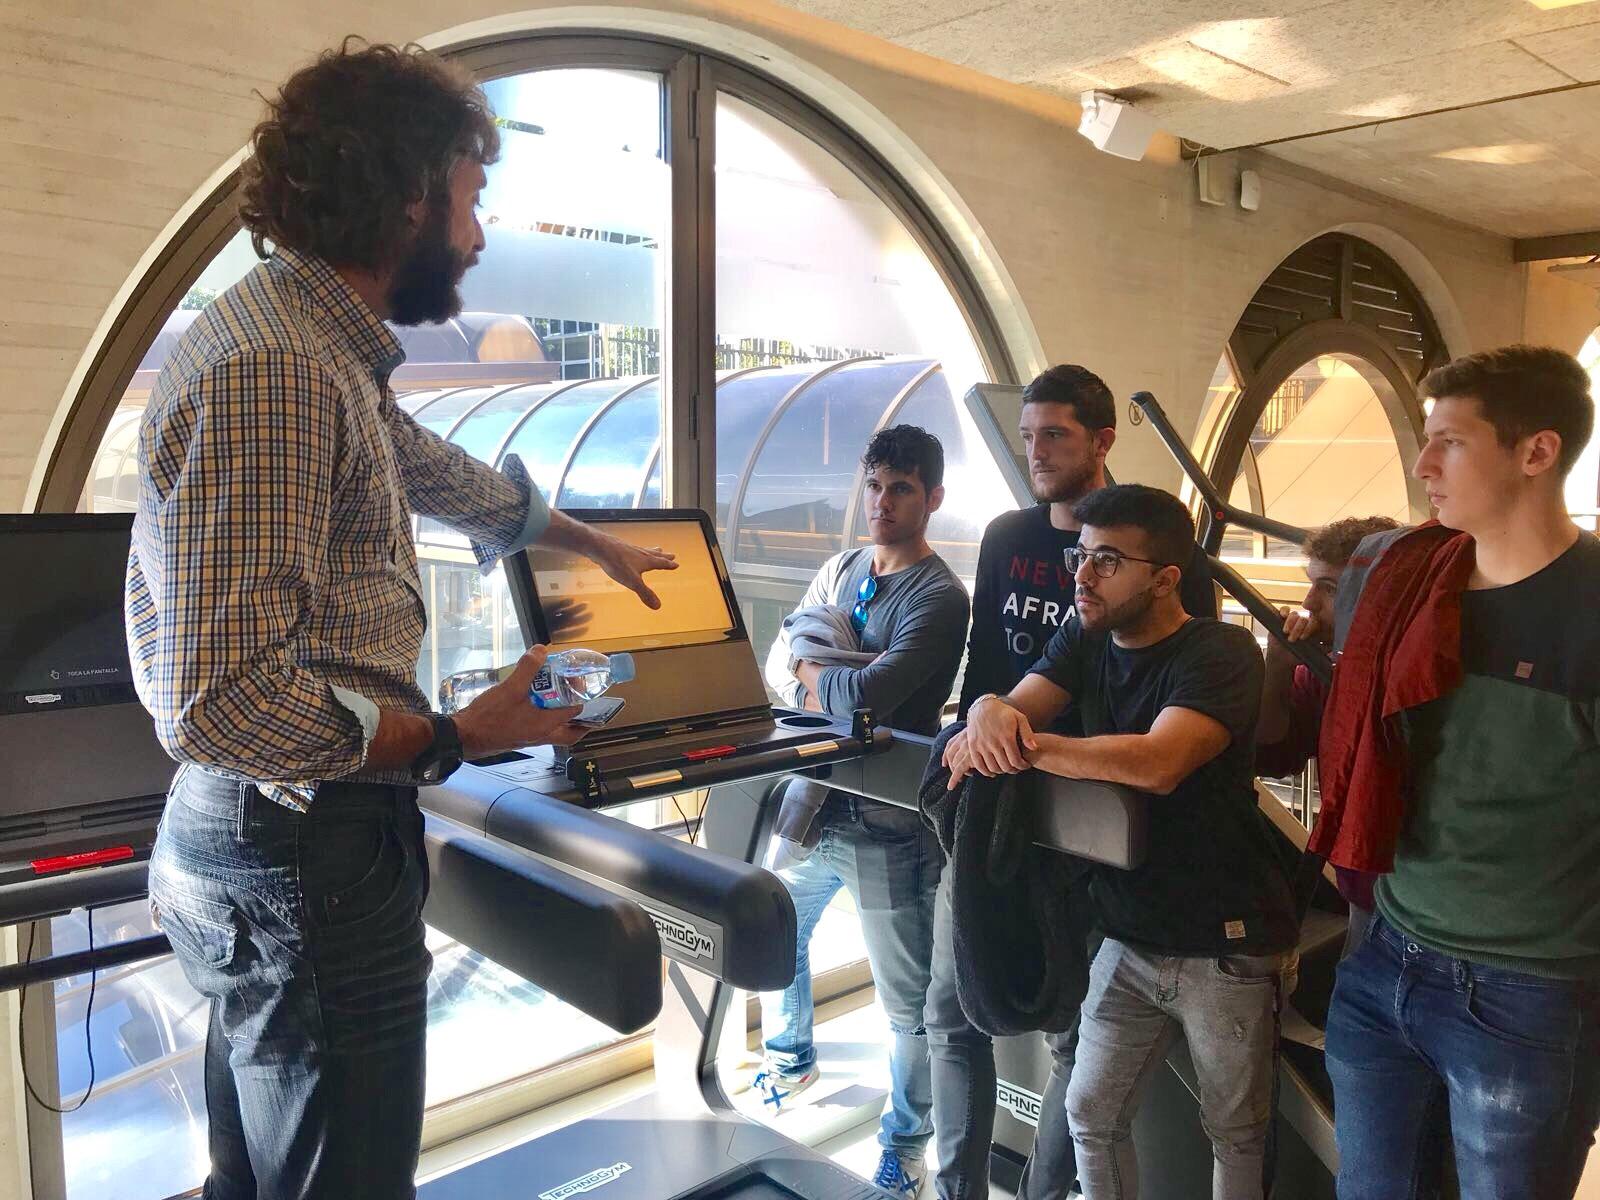 Els alumnes de 4t curs del Grau en CAFE d'EUSES Terres de l'Ebre van visitar i conèixer la filosofia de treball del Metropolitan Iradier de Barcelona